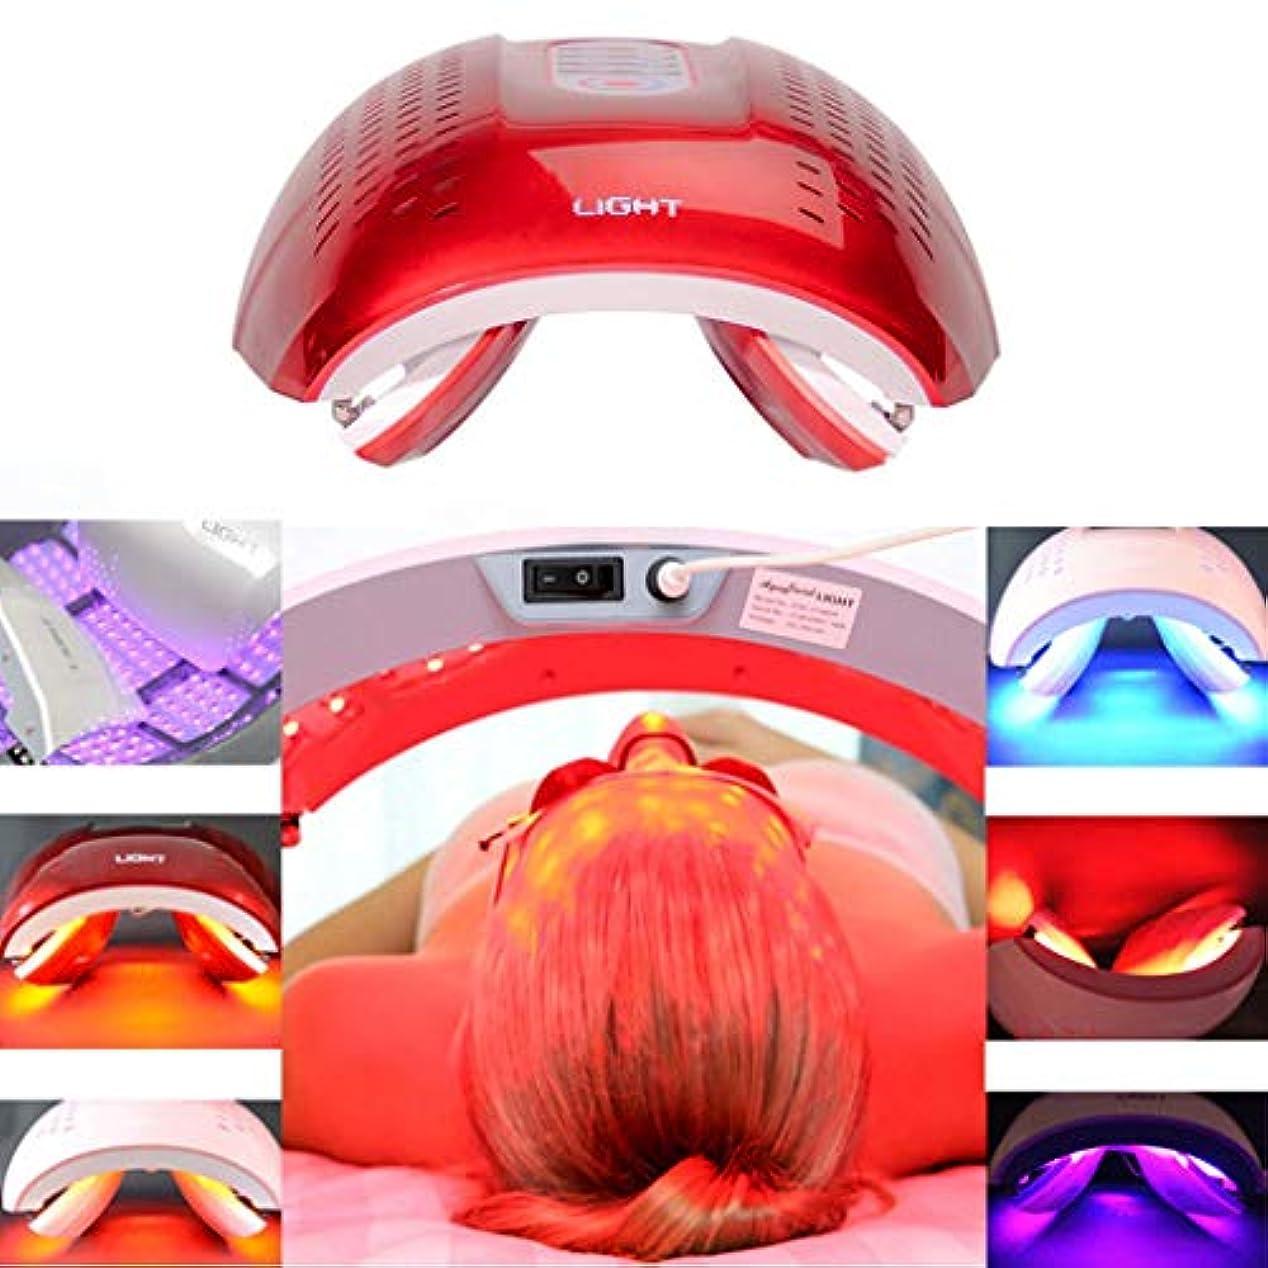 スラム被害者シールドLED光子の顔の若返りの美の器械、4色PDTの分光計、肌の引き締め美白の強化,Red